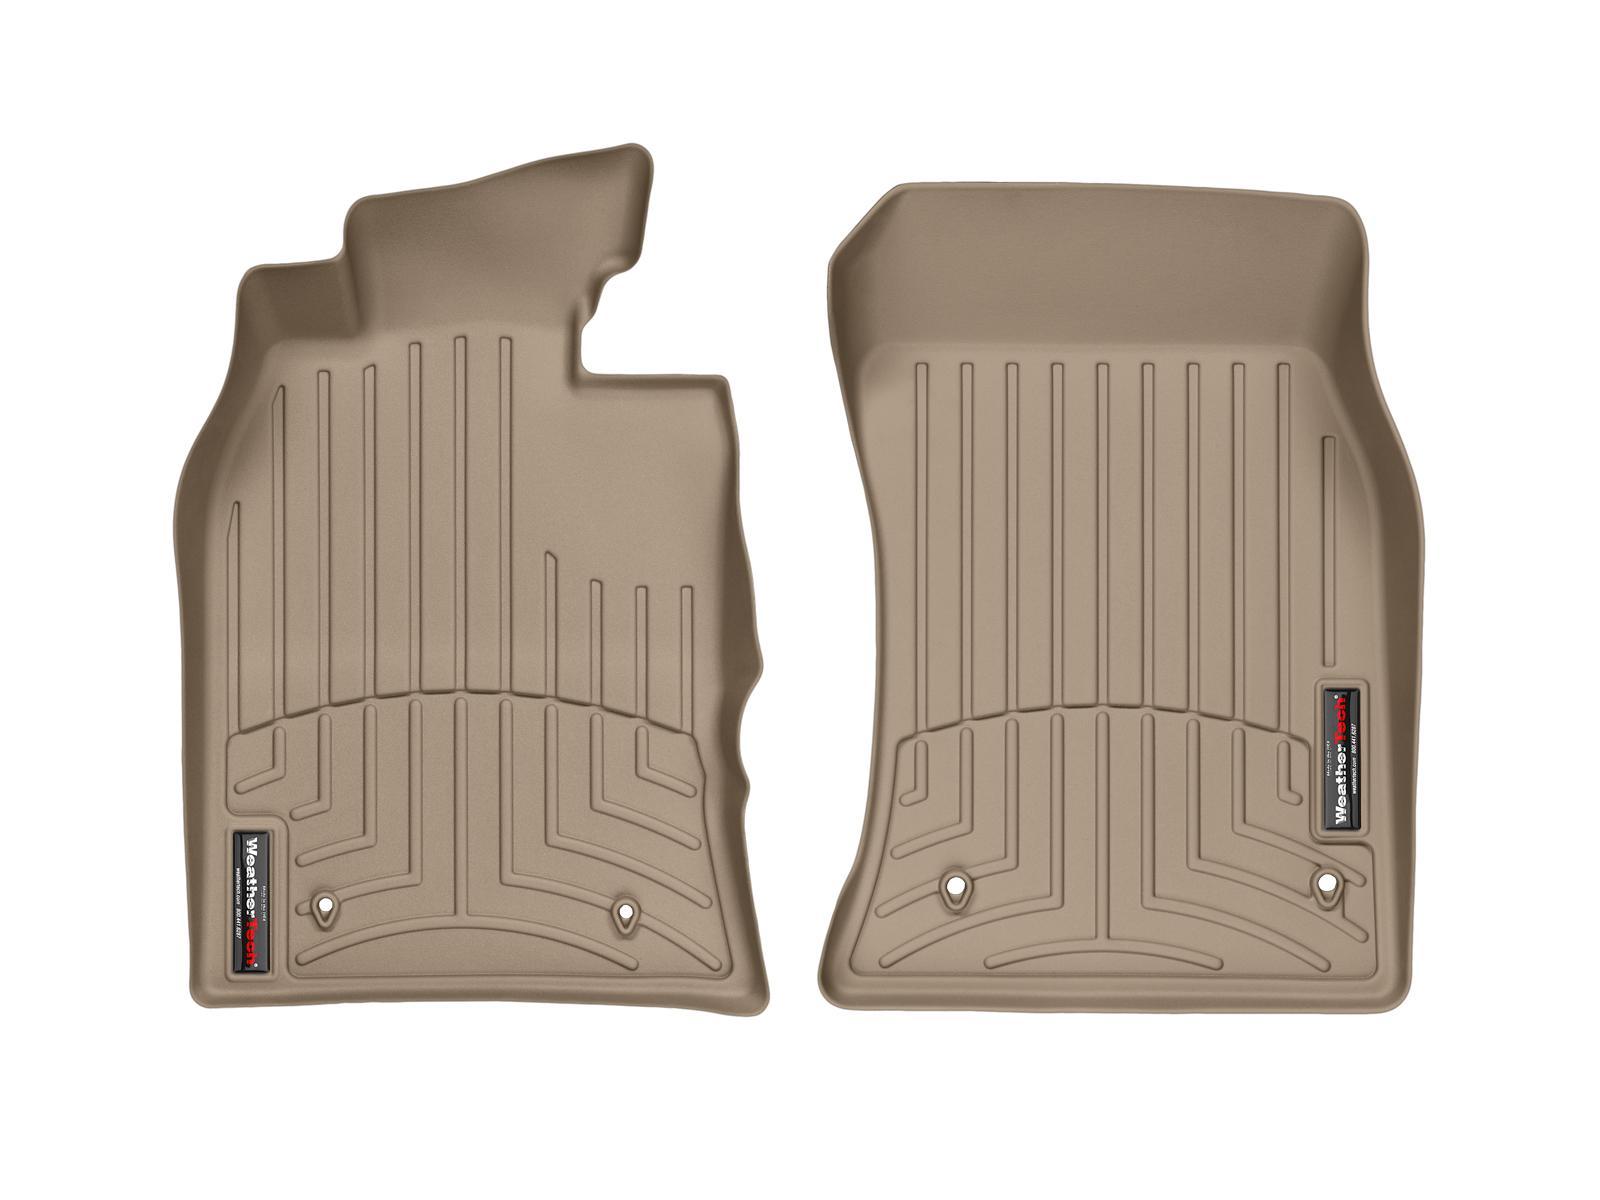 Tappeti gomma su misura bordo alto MINI Cooper / Cooper S 07>07 Marrone A2673*